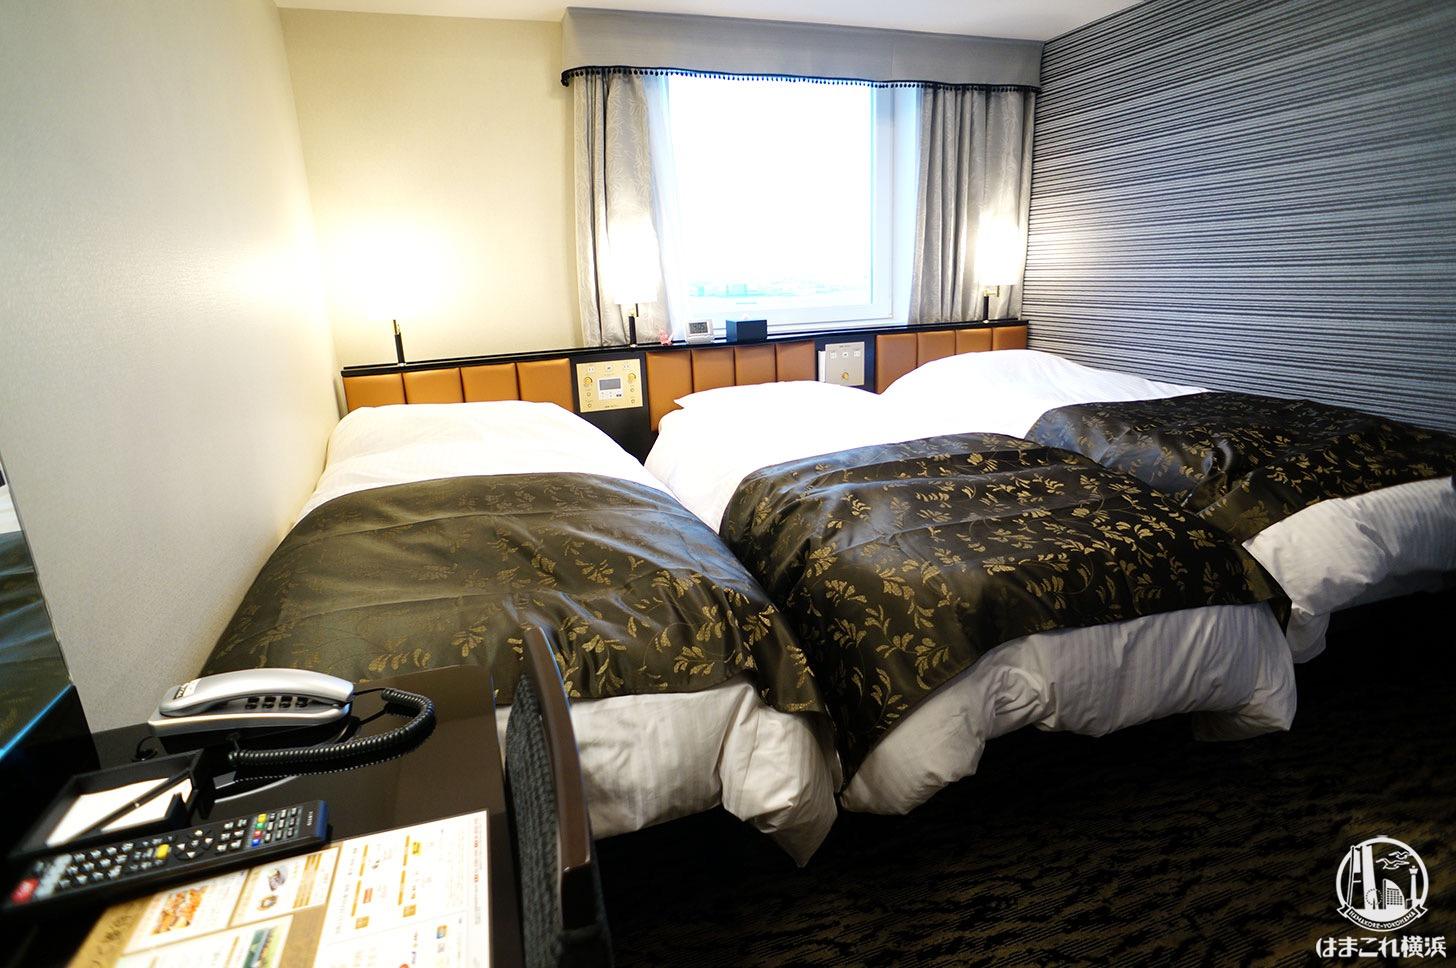 アパホテル&リゾート 横浜ベイタワー「トリプルルーム」